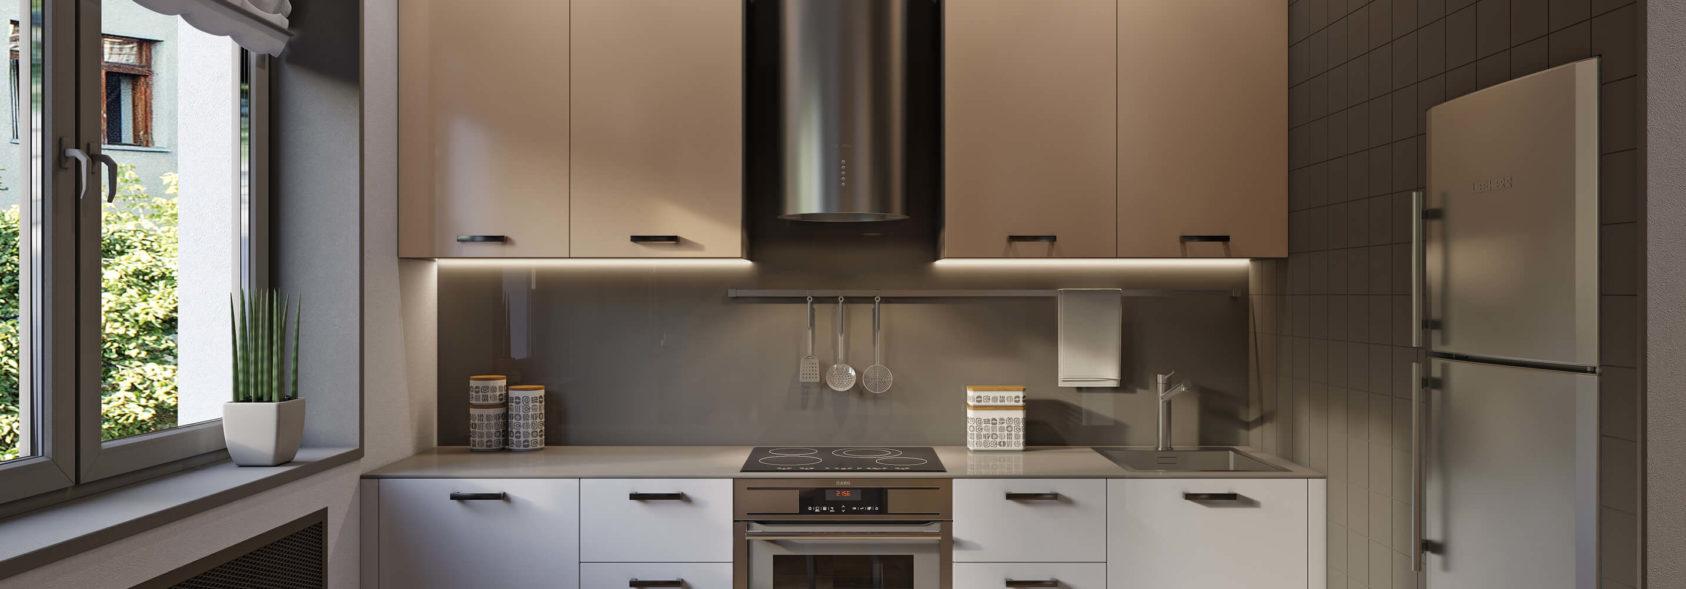 Дизайн кухни студии в однокомнатной квартире